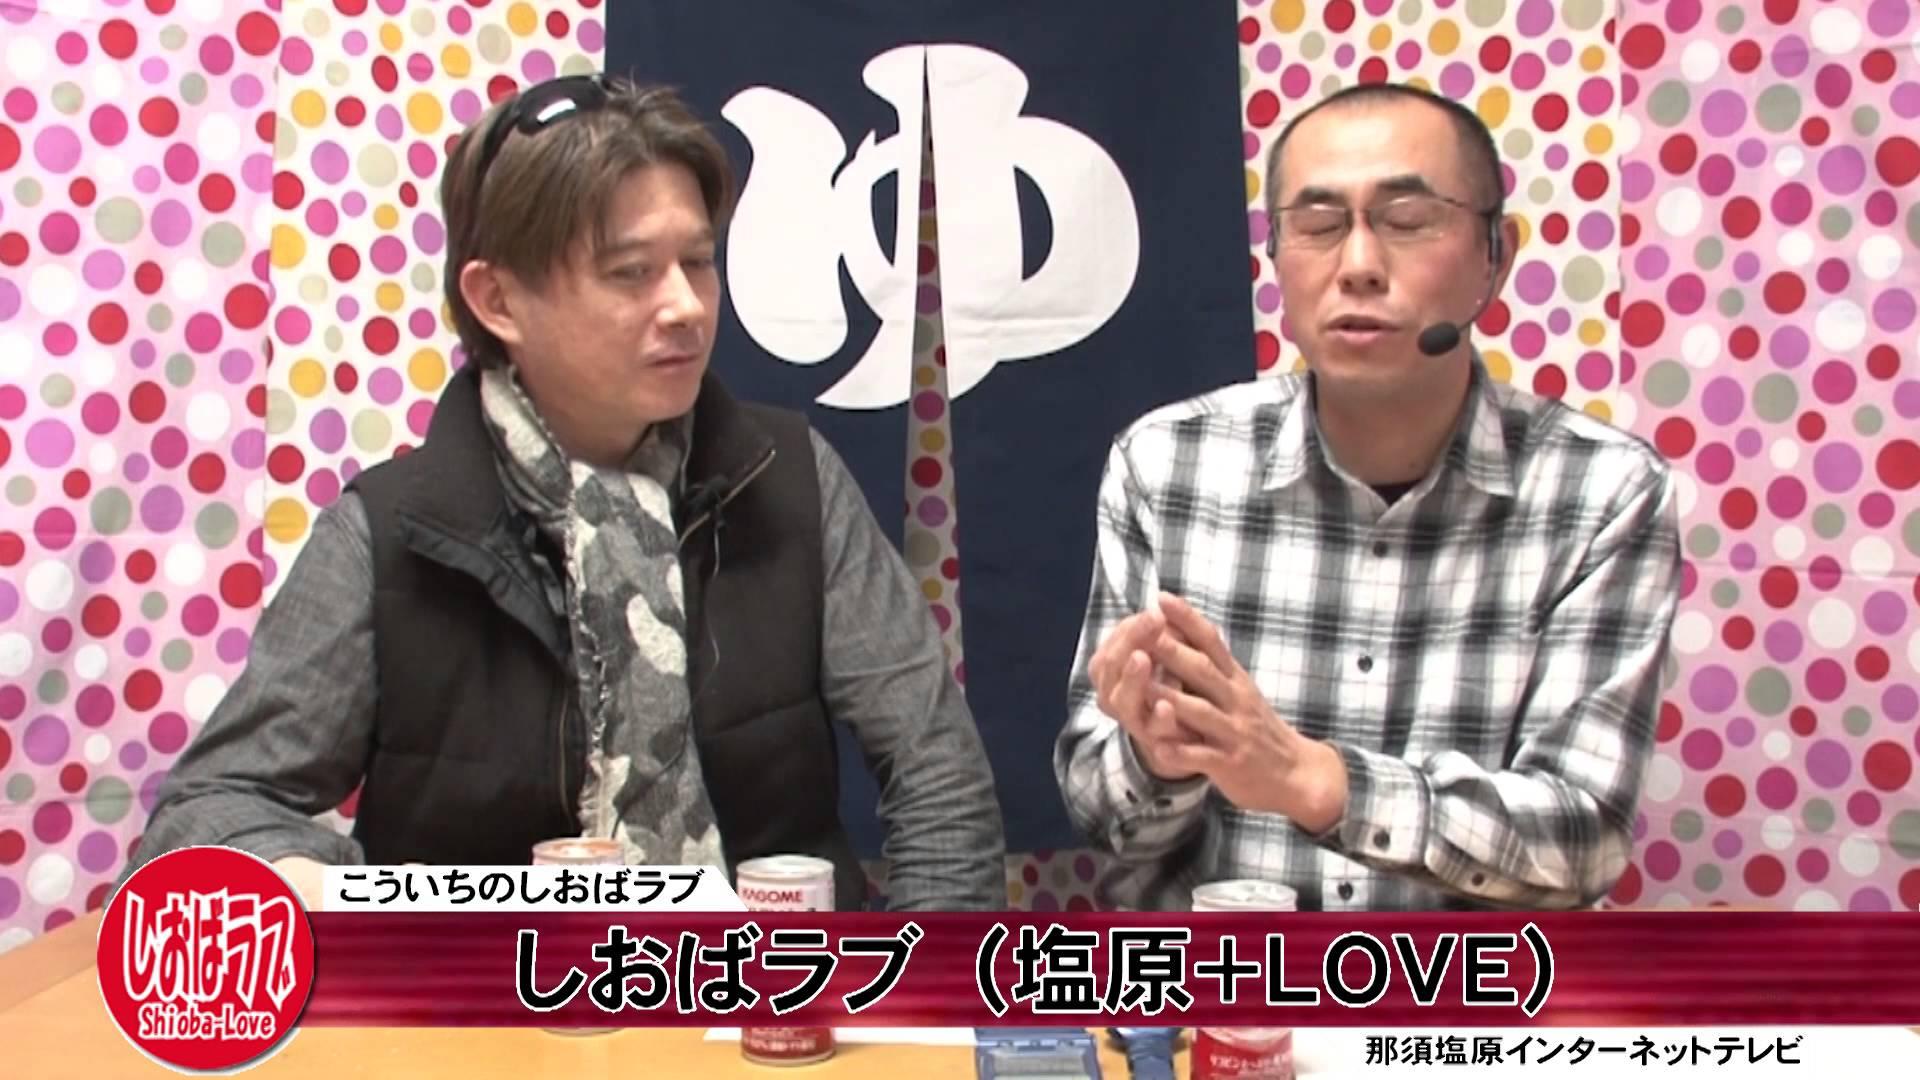 こういちのしおばラブ(塩原+LOVE)第170回